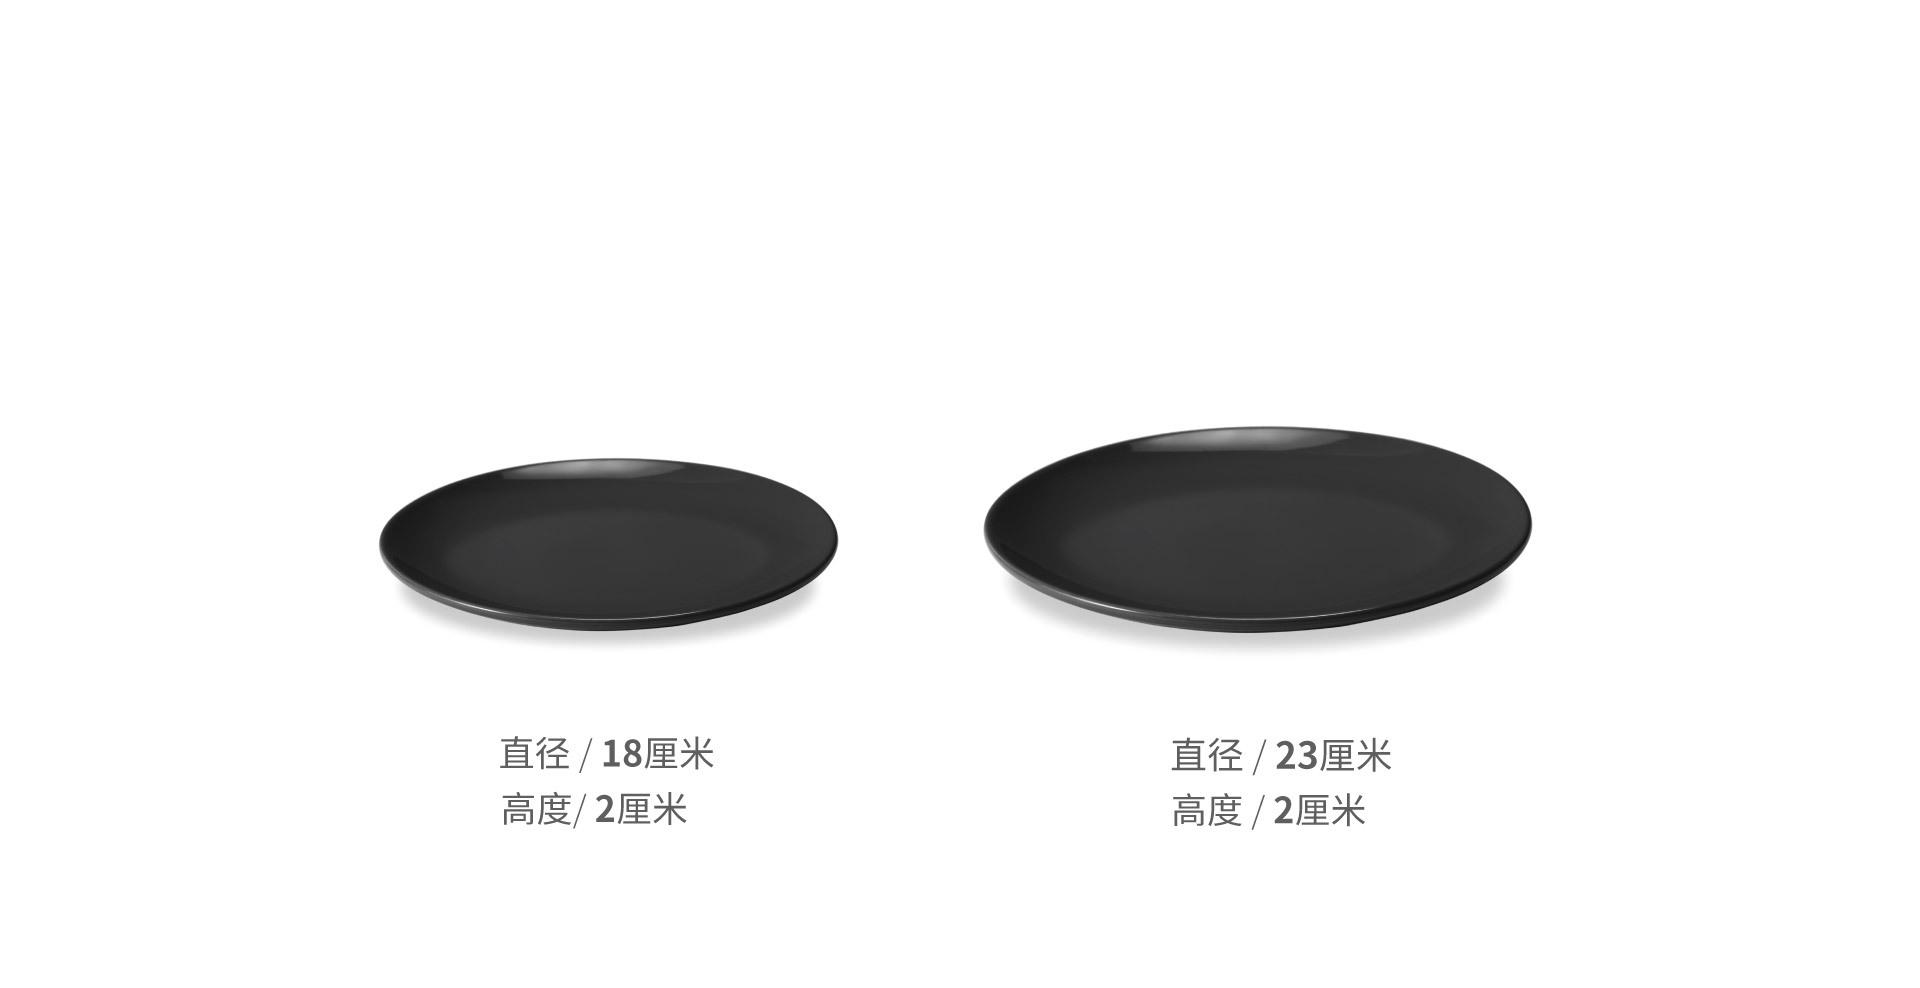 吴冠中系列纹样餐具-都市之夜纯色盘套装餐具效果图